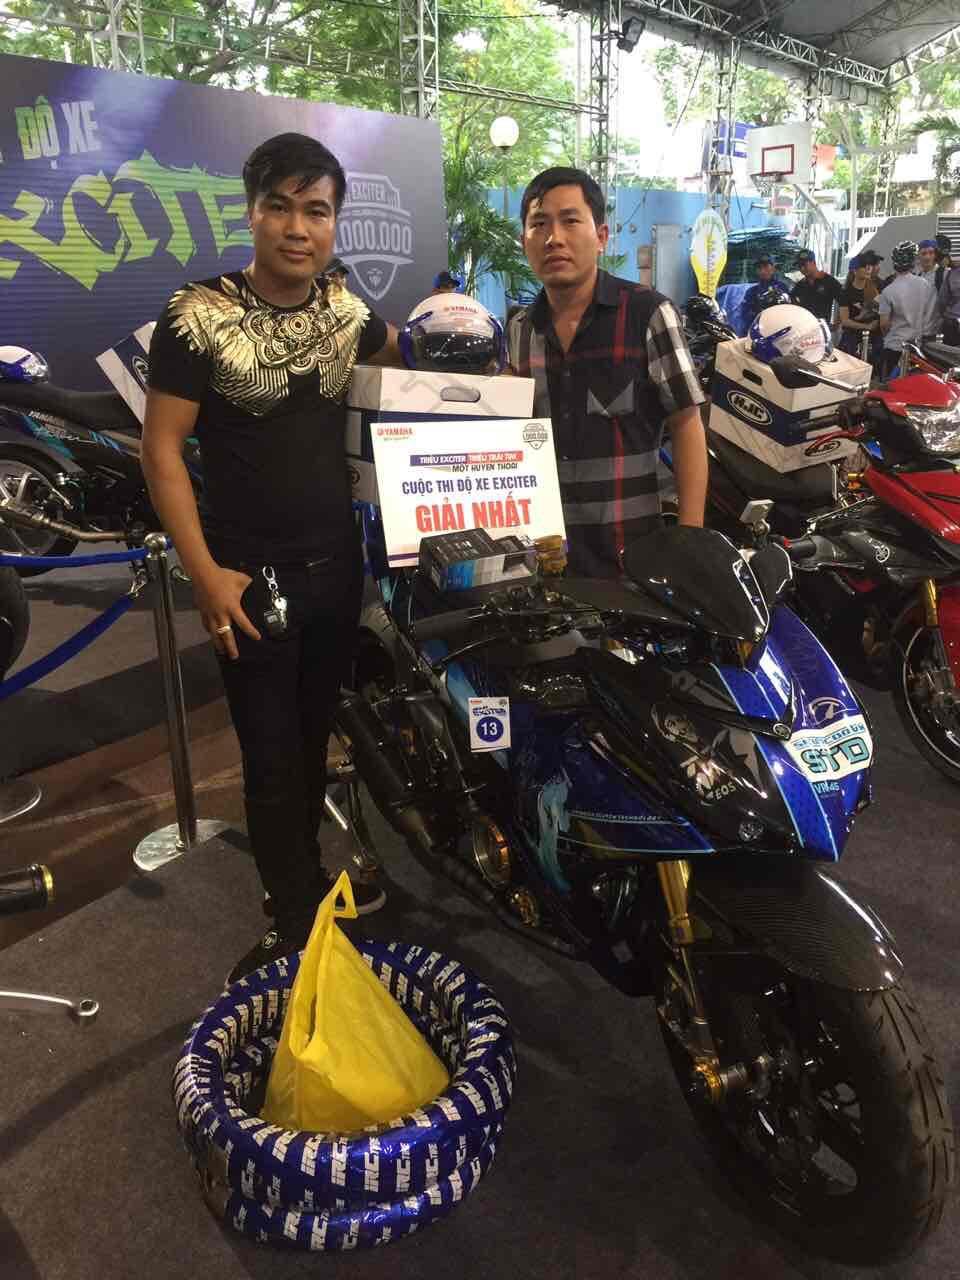 Kỷ niệm 1.000.000 Exciter Yamaha Cuộc thi xe đẹp